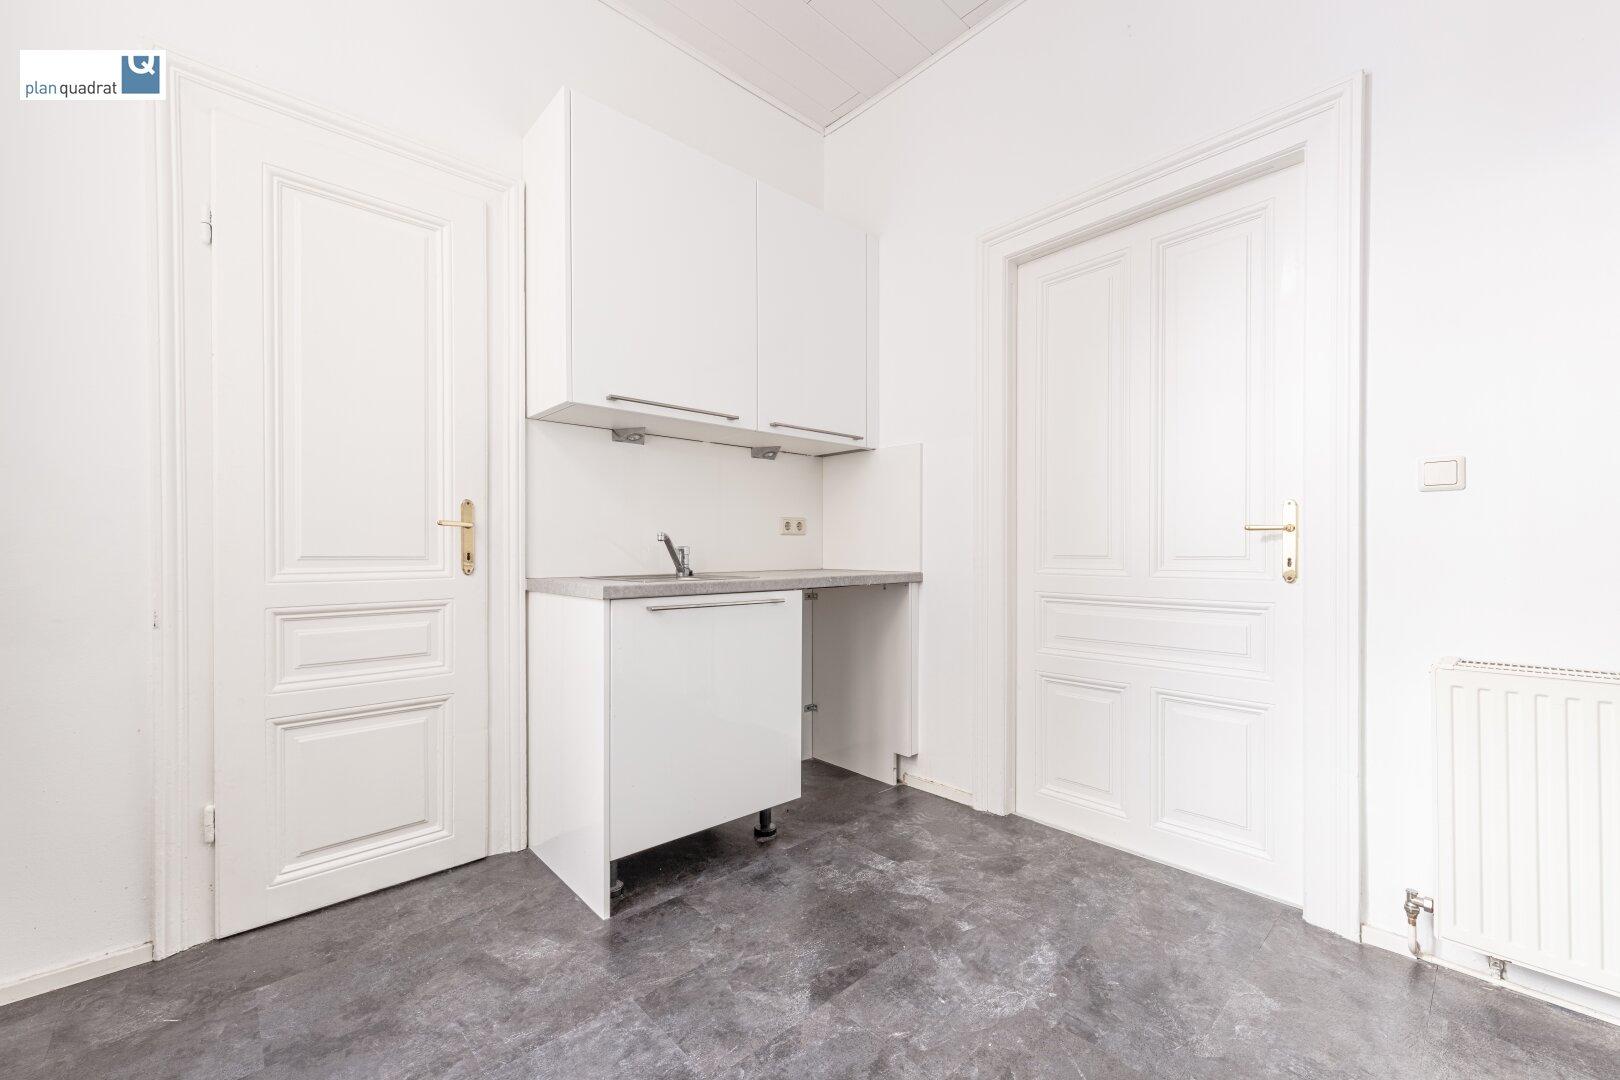 Küche mit Küchenzeile (inkl. aller Geräte) und Ausgang zum Klopfbalkon und Zugang zum Abstellraum